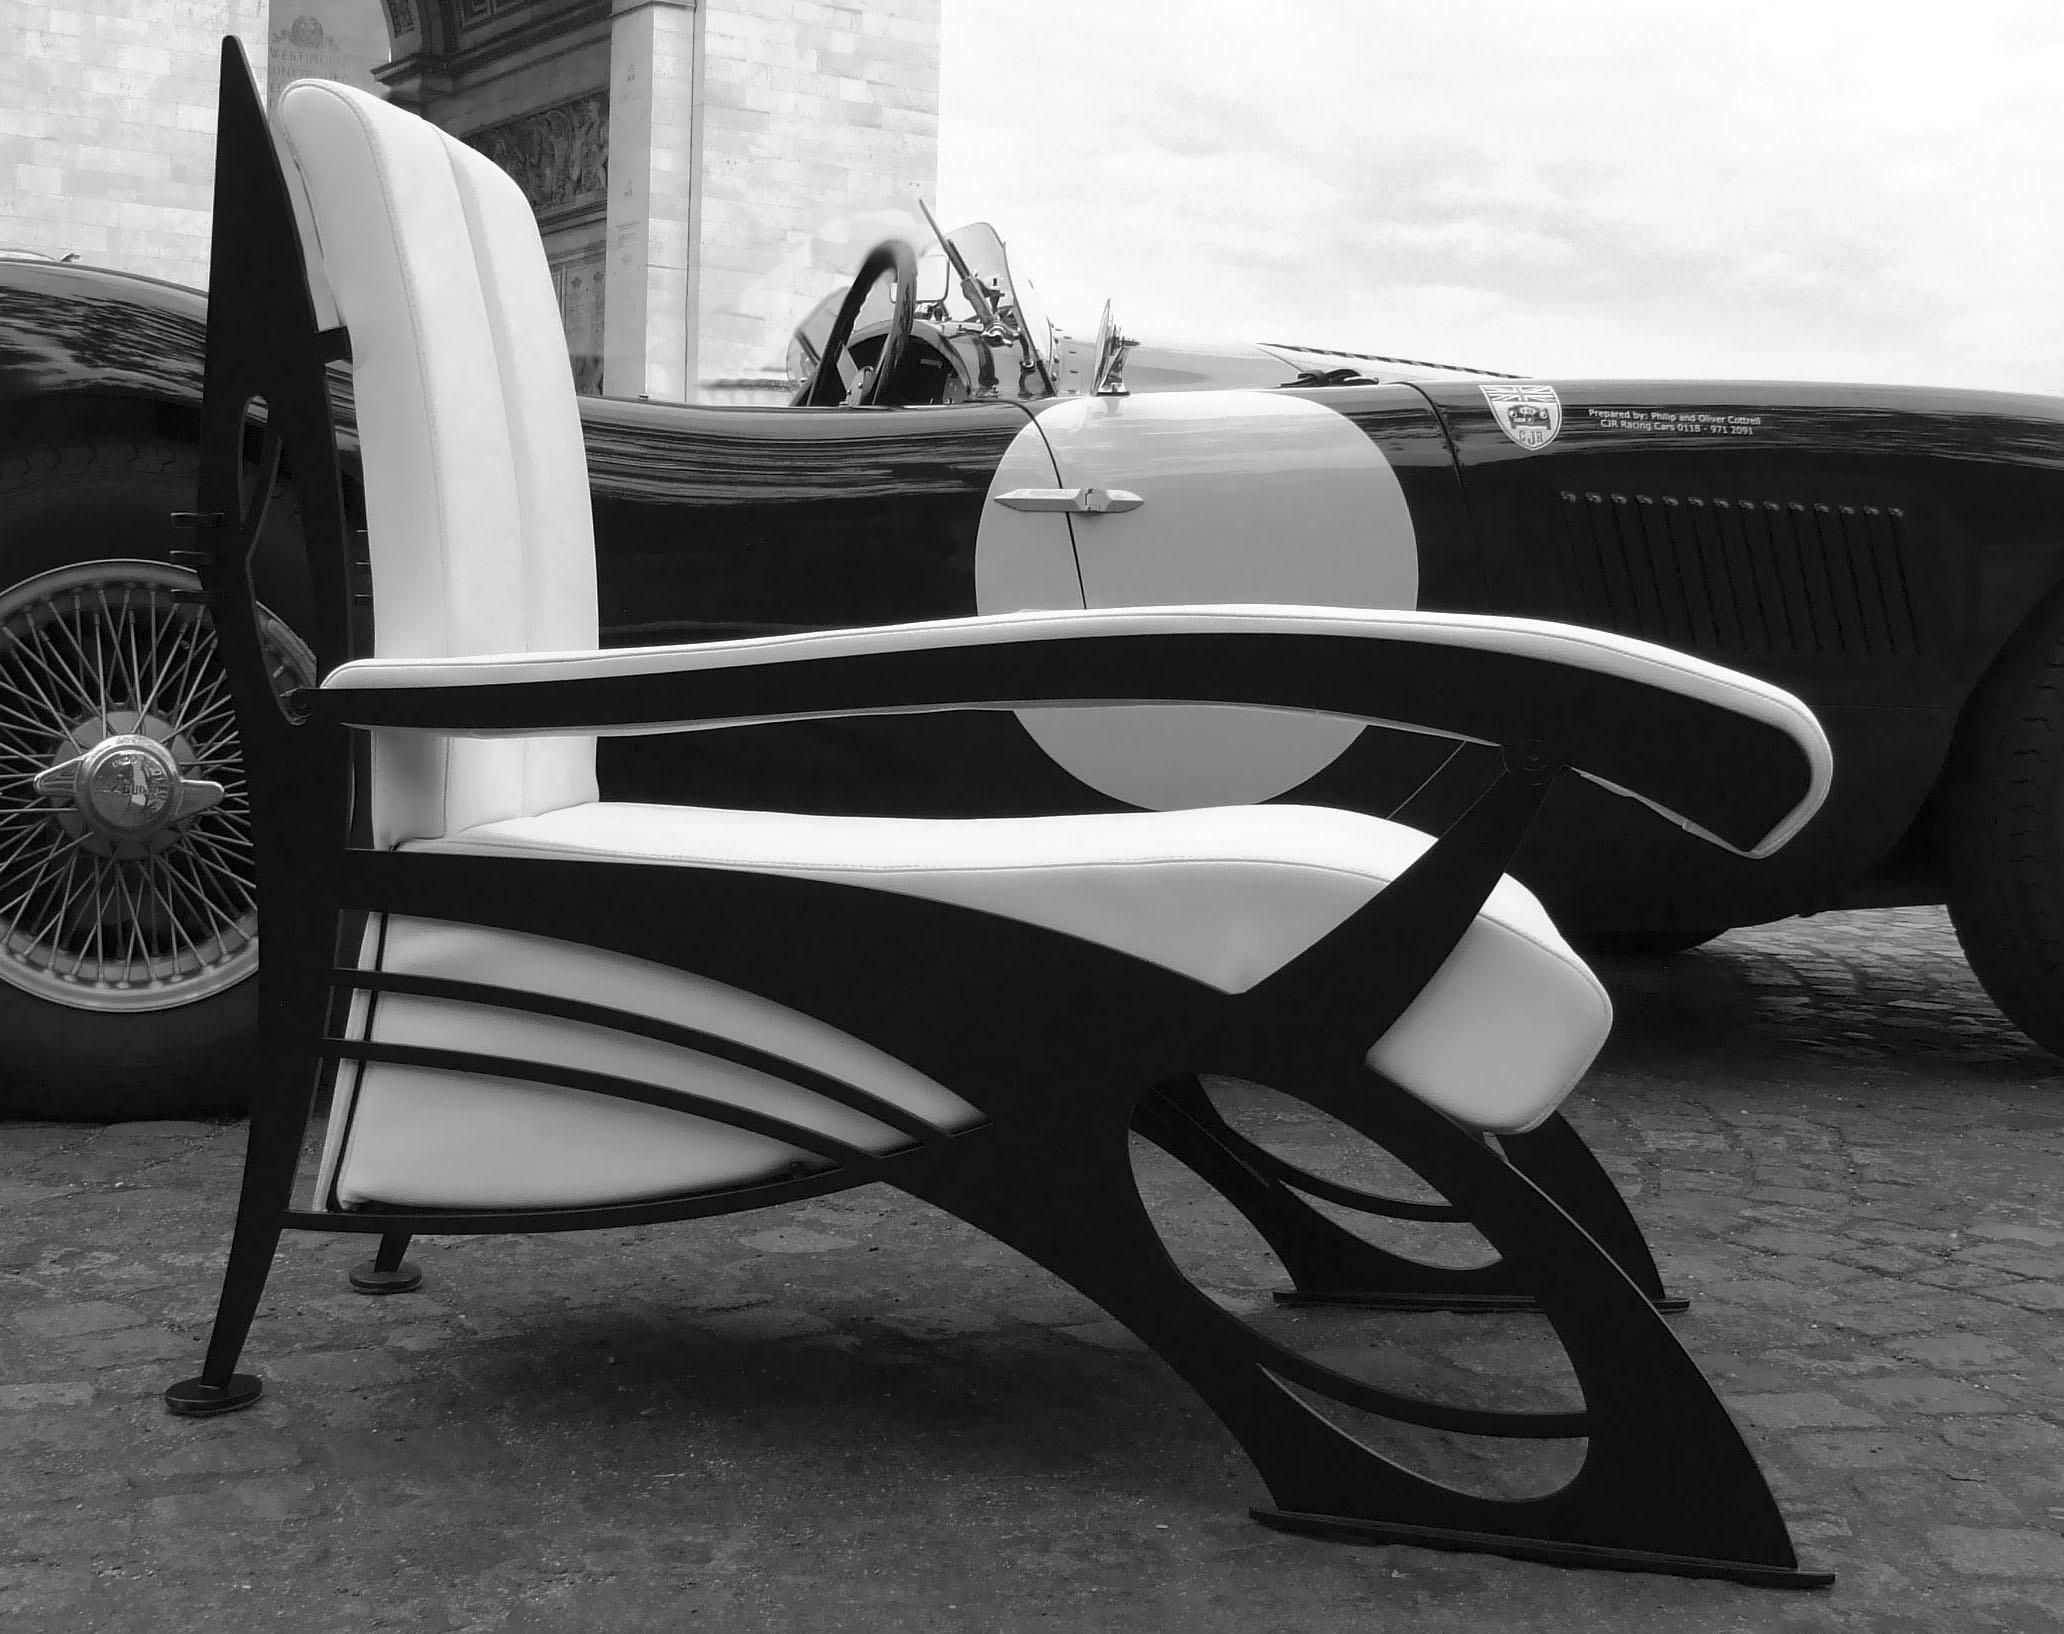 Escalier et Mobilier Design Art Nouveau – La Stylique